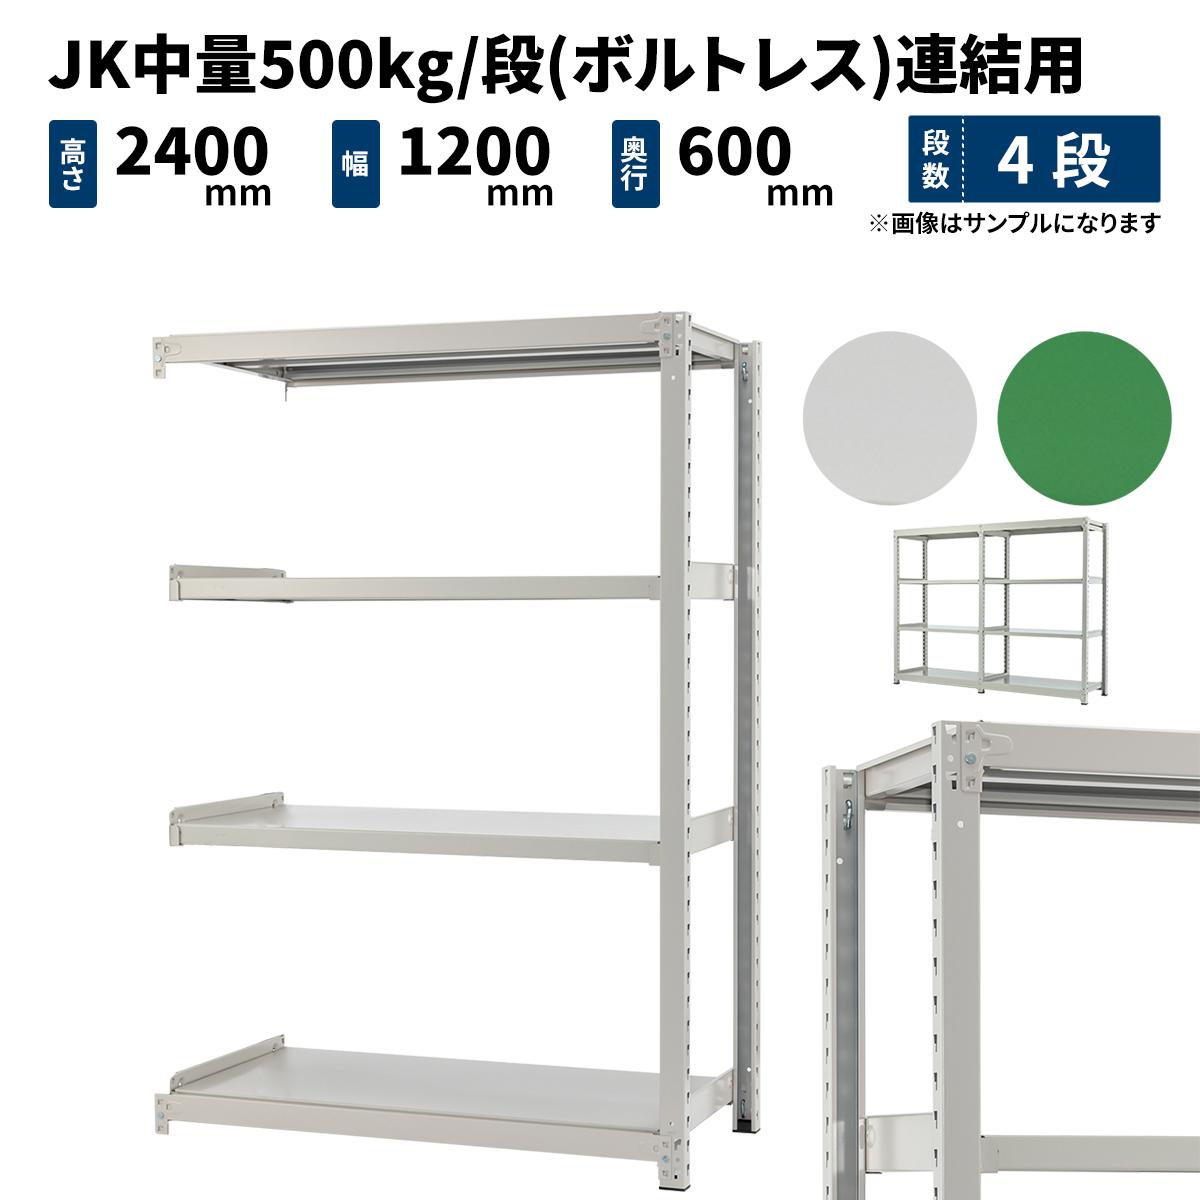 スチールラック 業務用 JK中量500kg/段(ボルトレス) 連結形式 高さ2400×幅1200×奥行600mm 4段 ホワイトグレー/グリーン (63kg) JK500_R-241206-4